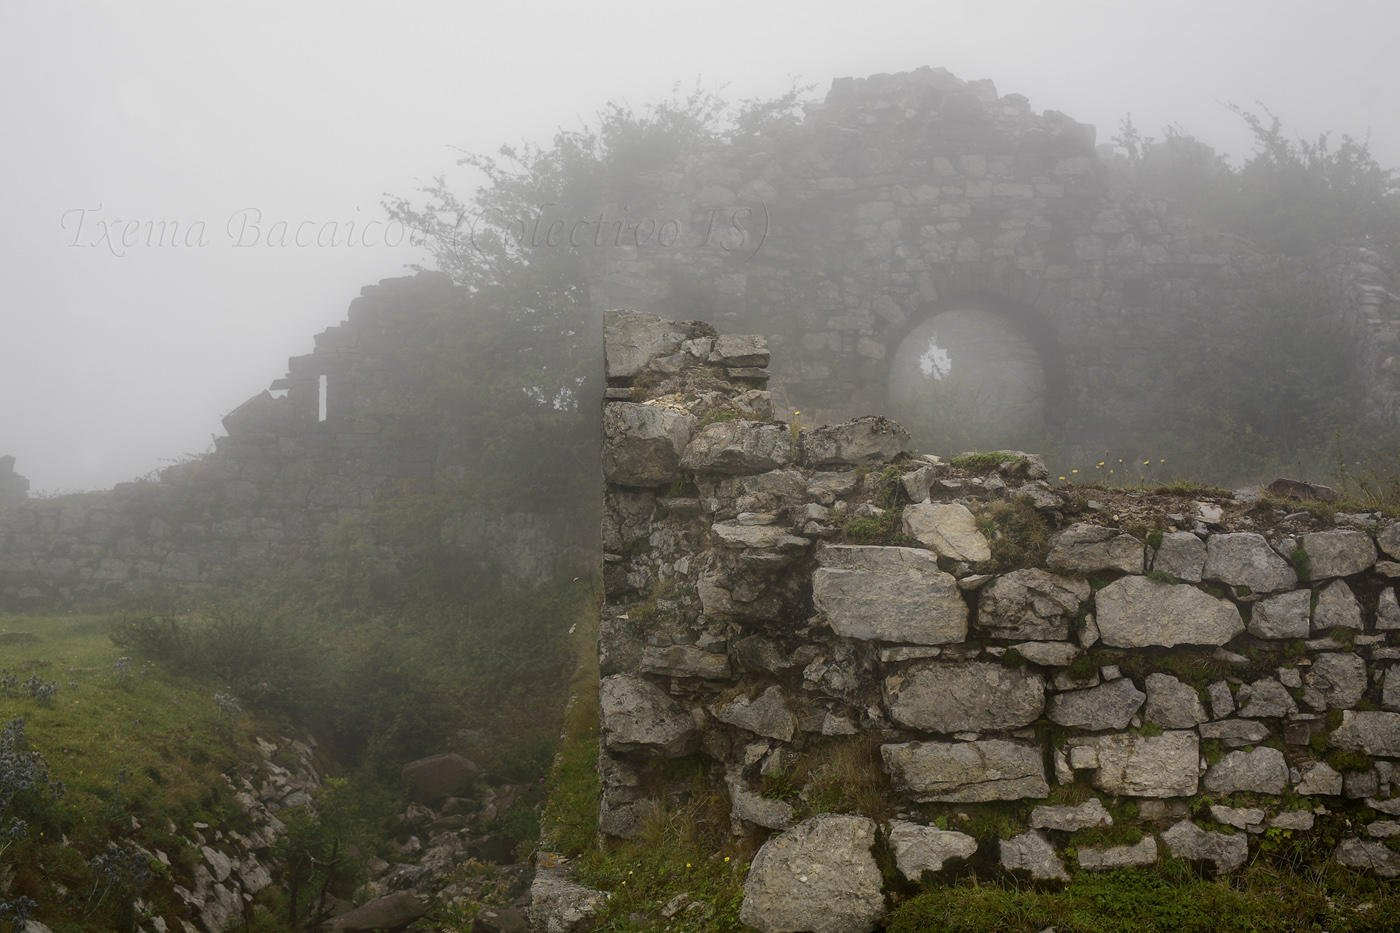 Ruina (Txema Bacaicoa (Colectivo IS))